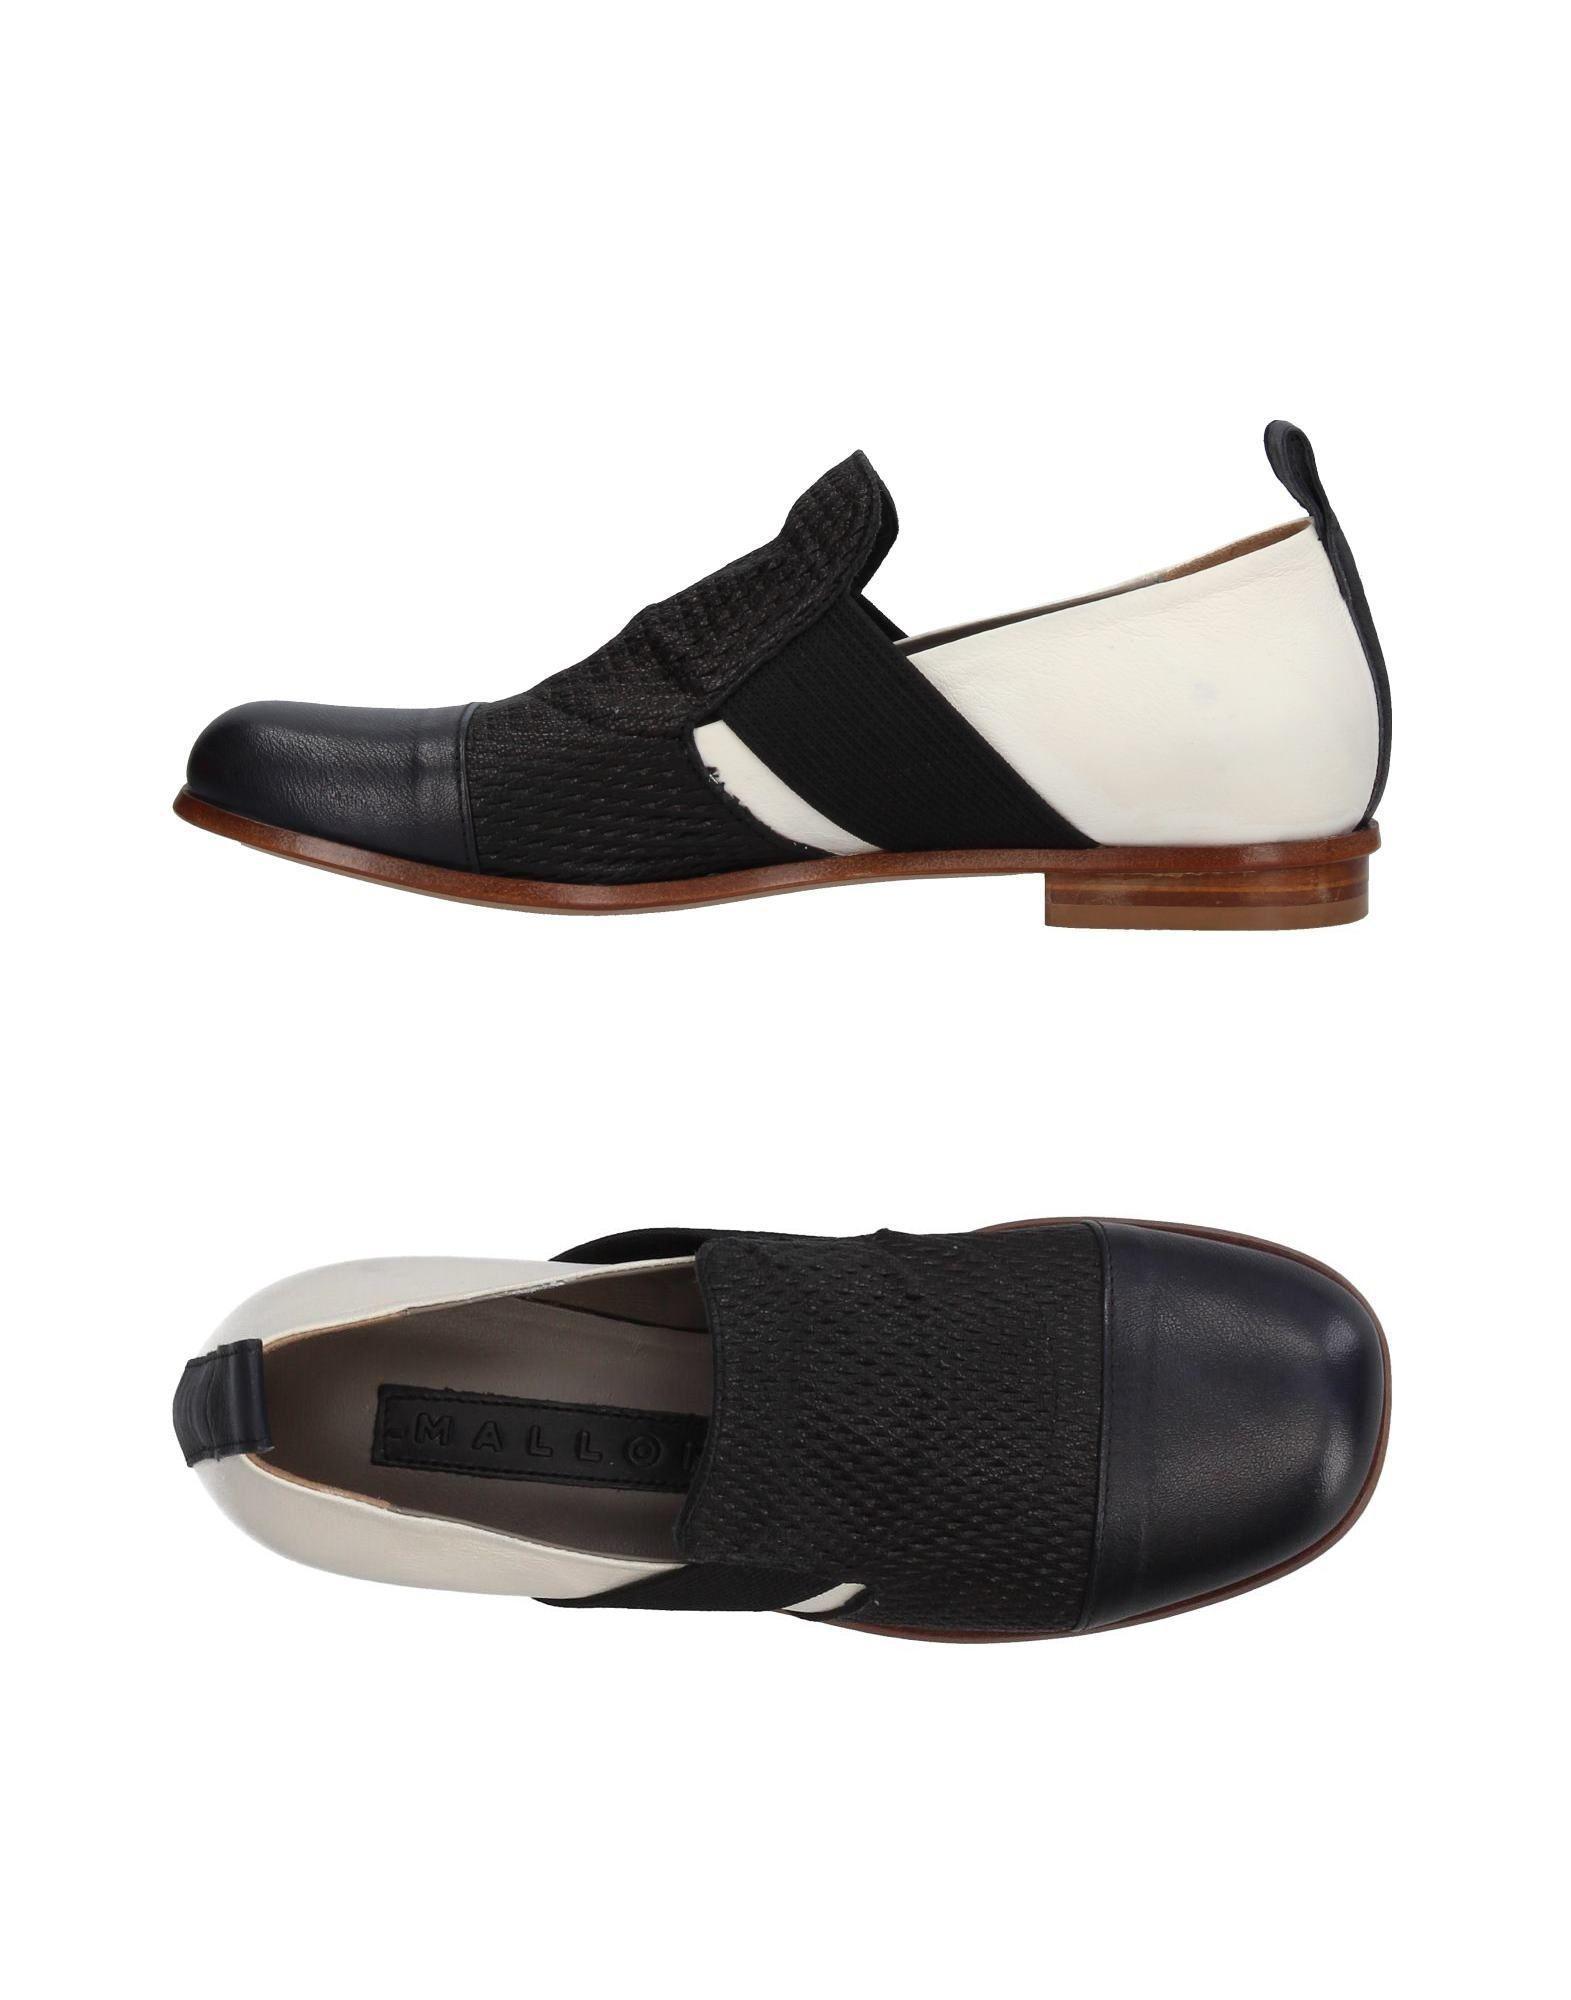 FOOTWEAR - Loafers Malloni uW2Ji